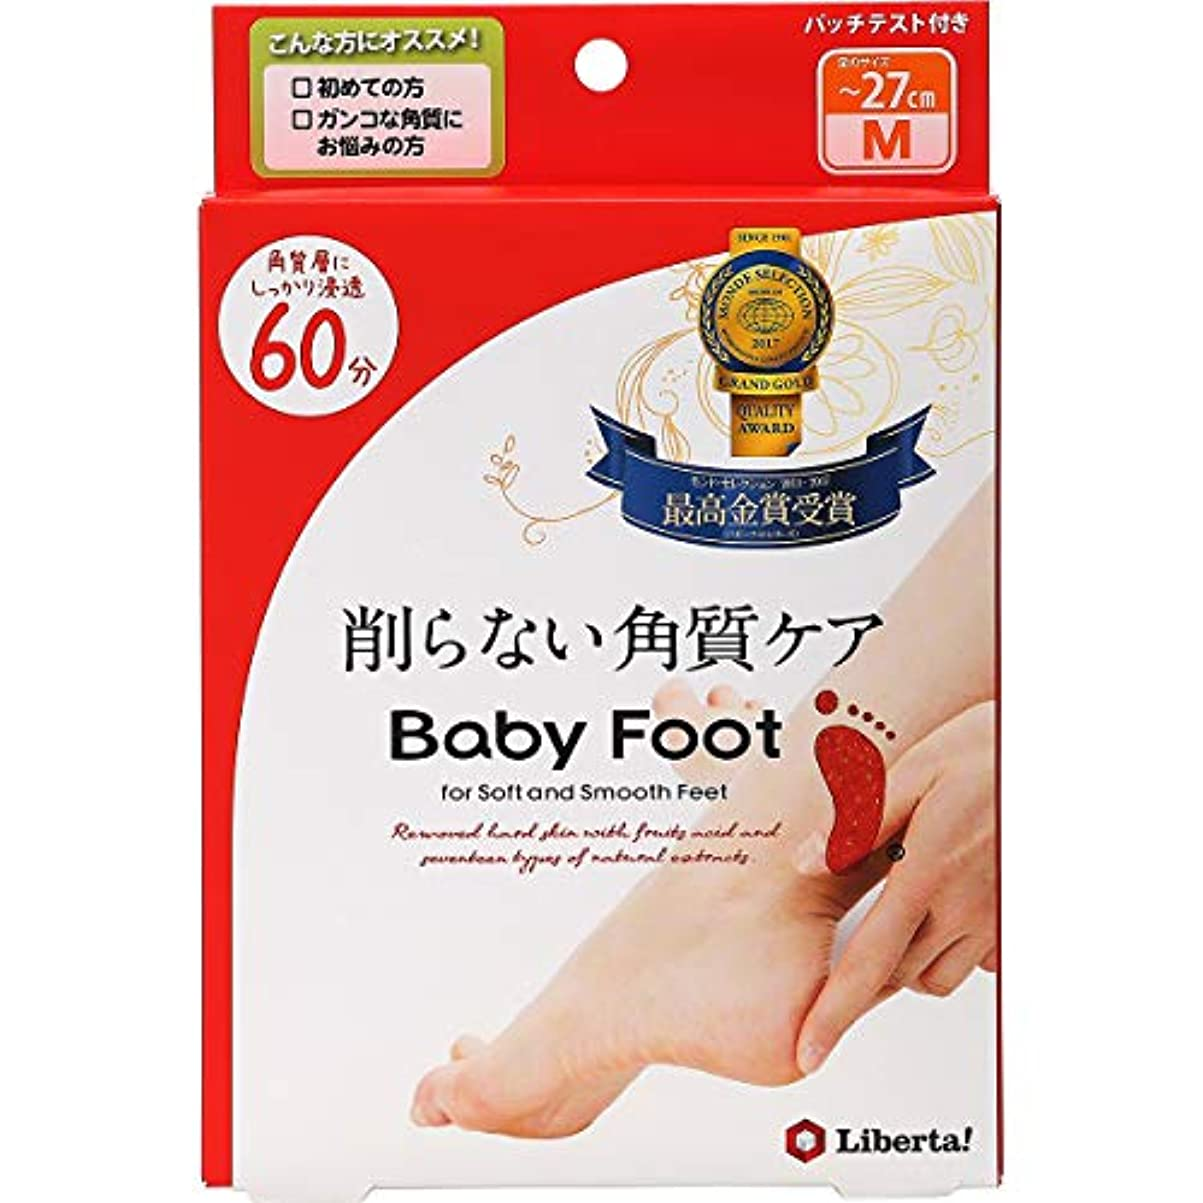 すずめ急行するタイマーベビーフット (Baby Foot) ベビーフット イージーパック SPT60分タイプ Mサイズ 単品